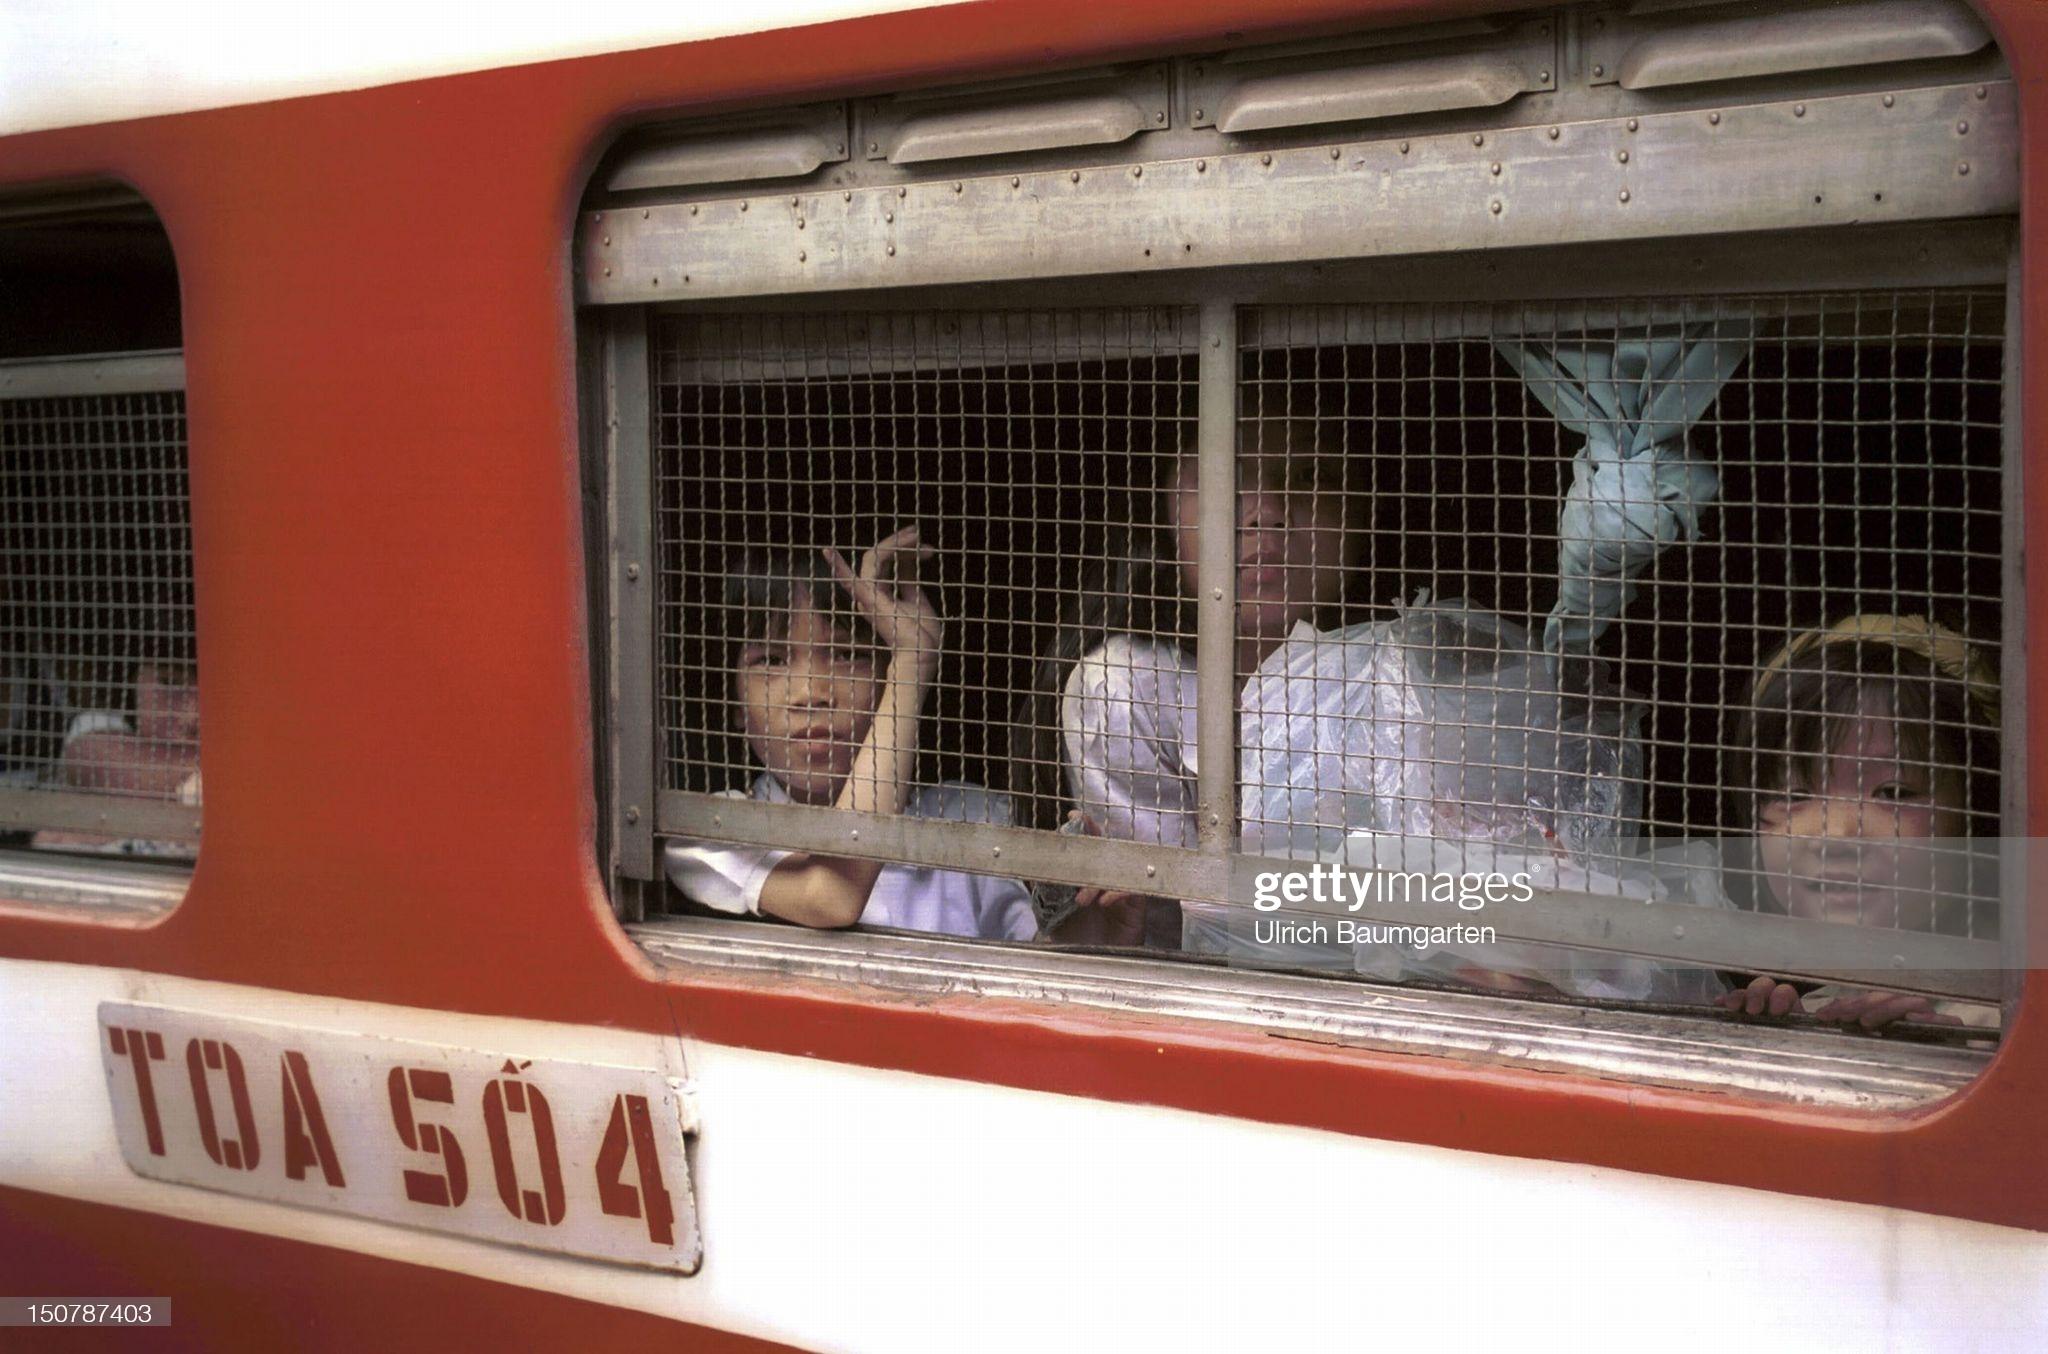 Gánh mì Quảng vỉa hè, xe Honda Cub, xe đạp, tàu hỏa ở Đà Nẵng thập niên 90